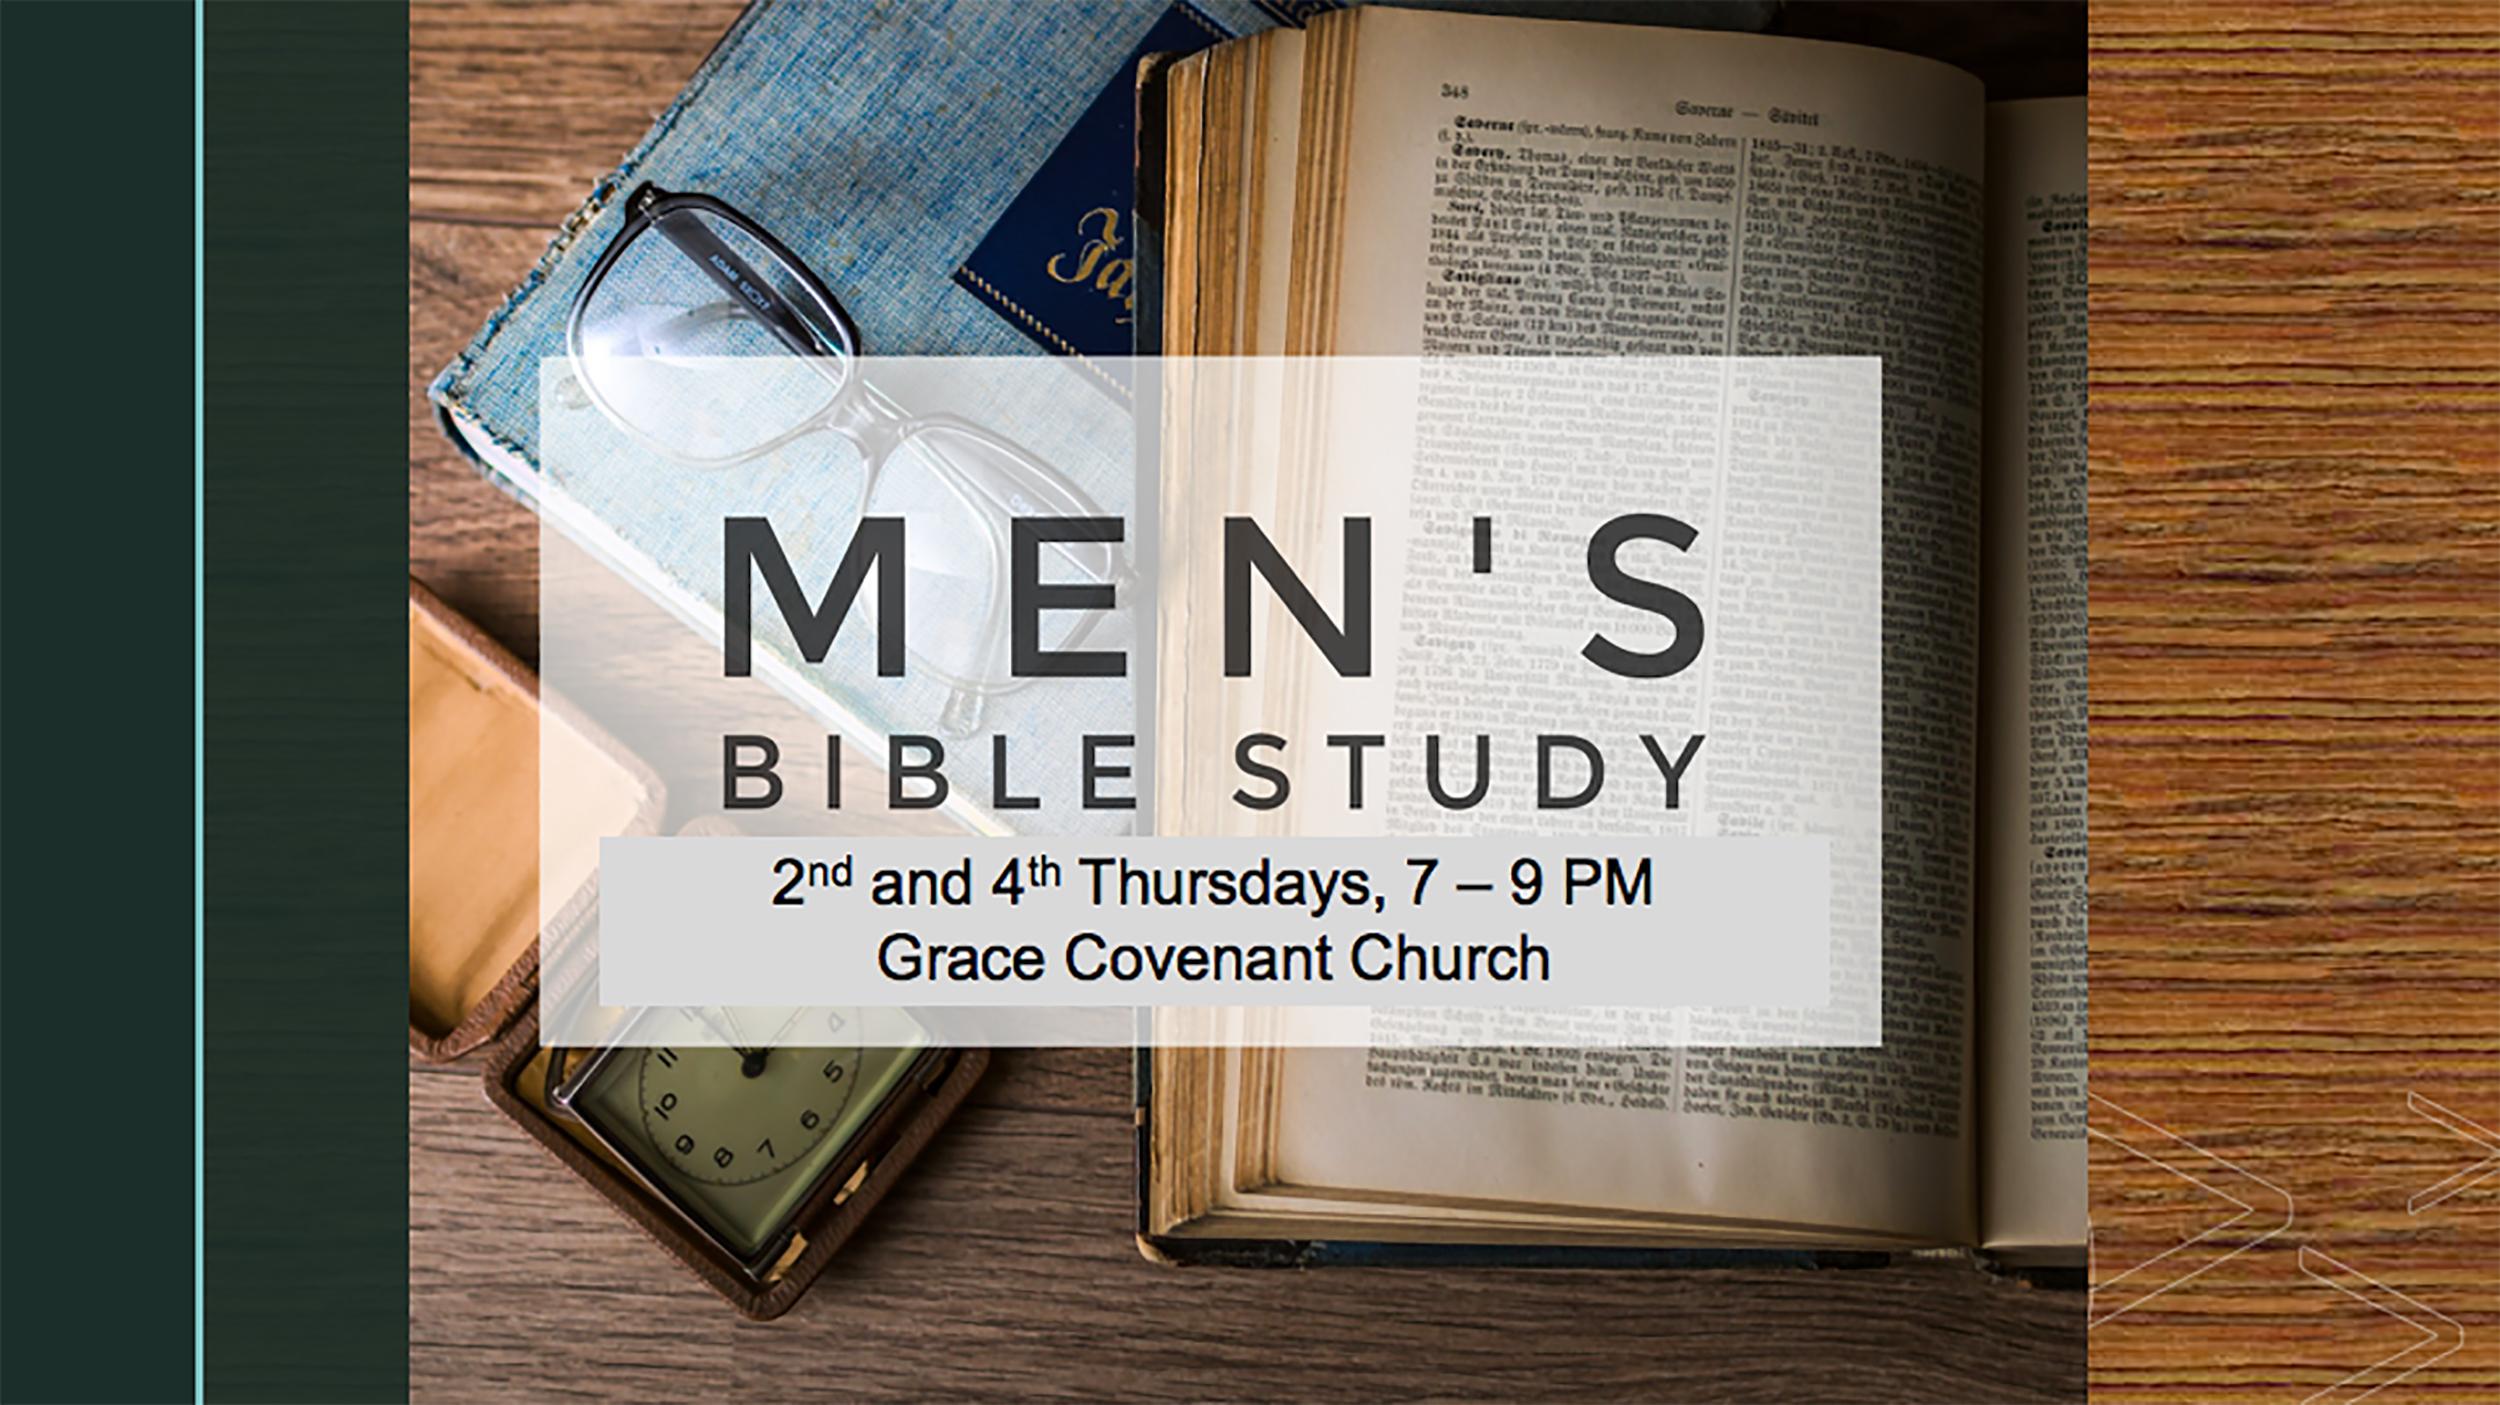 Men's Bible Study web post 2019